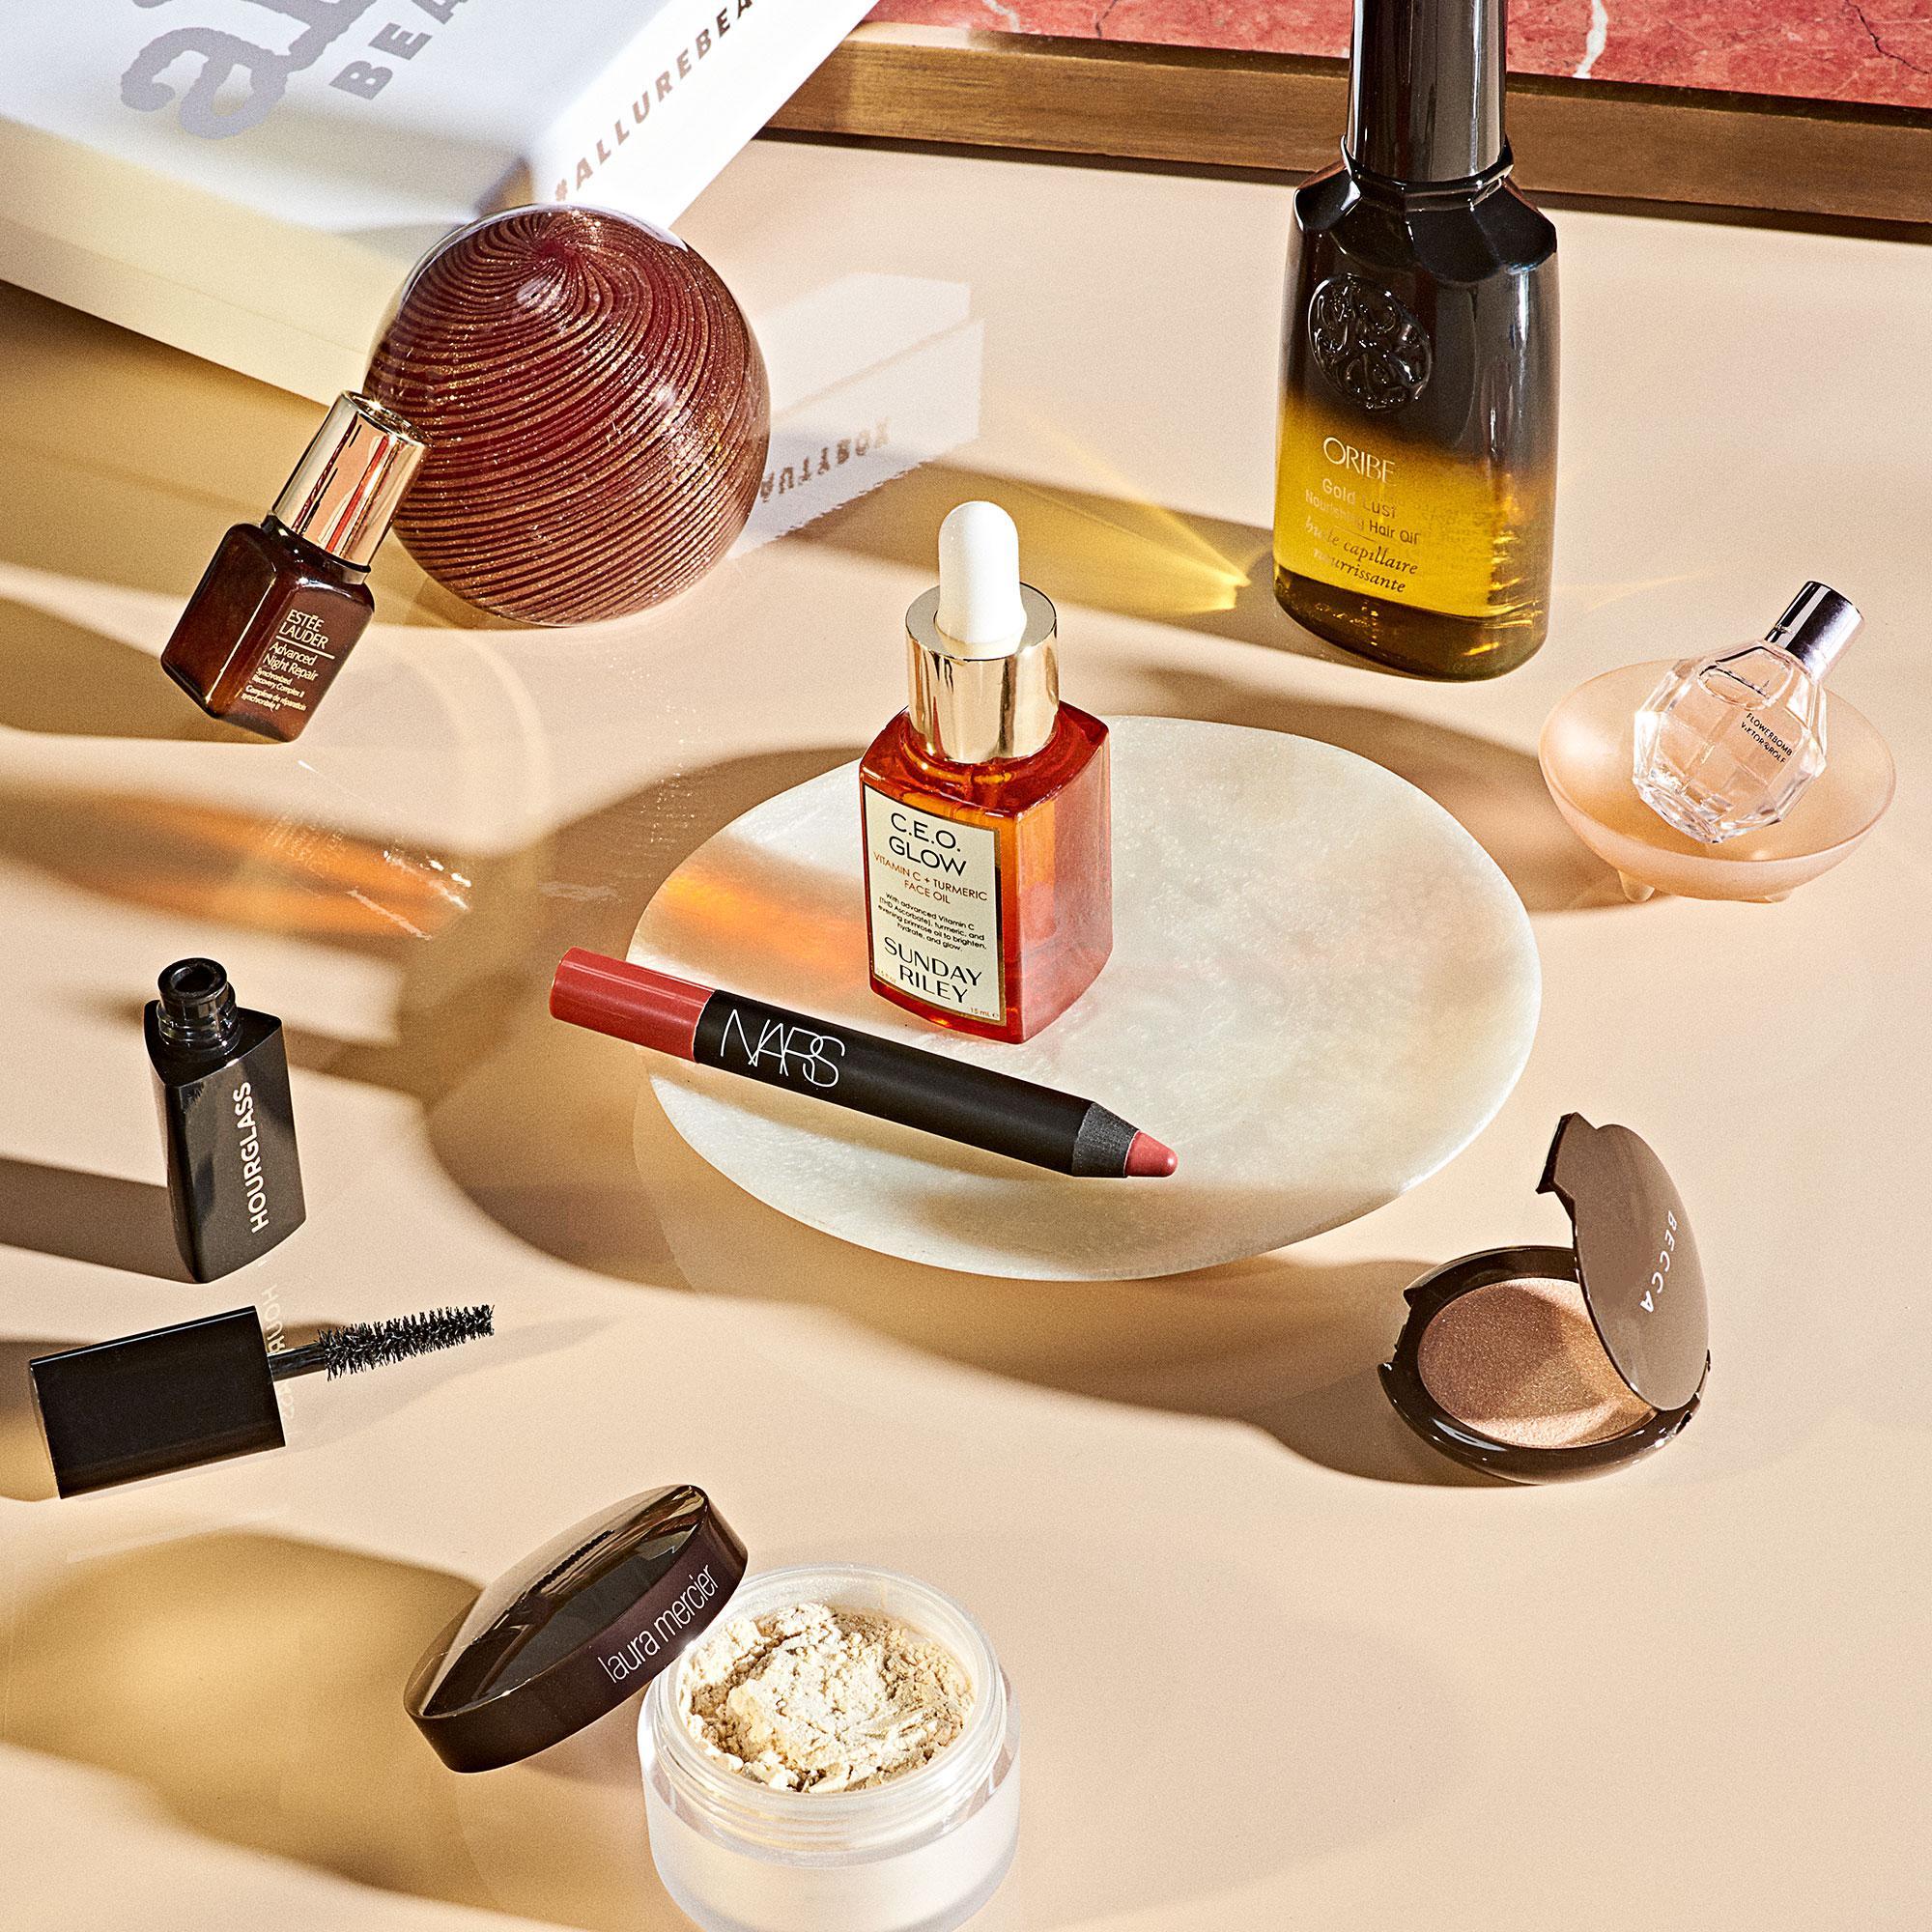 Allure's luxury beauty subscription